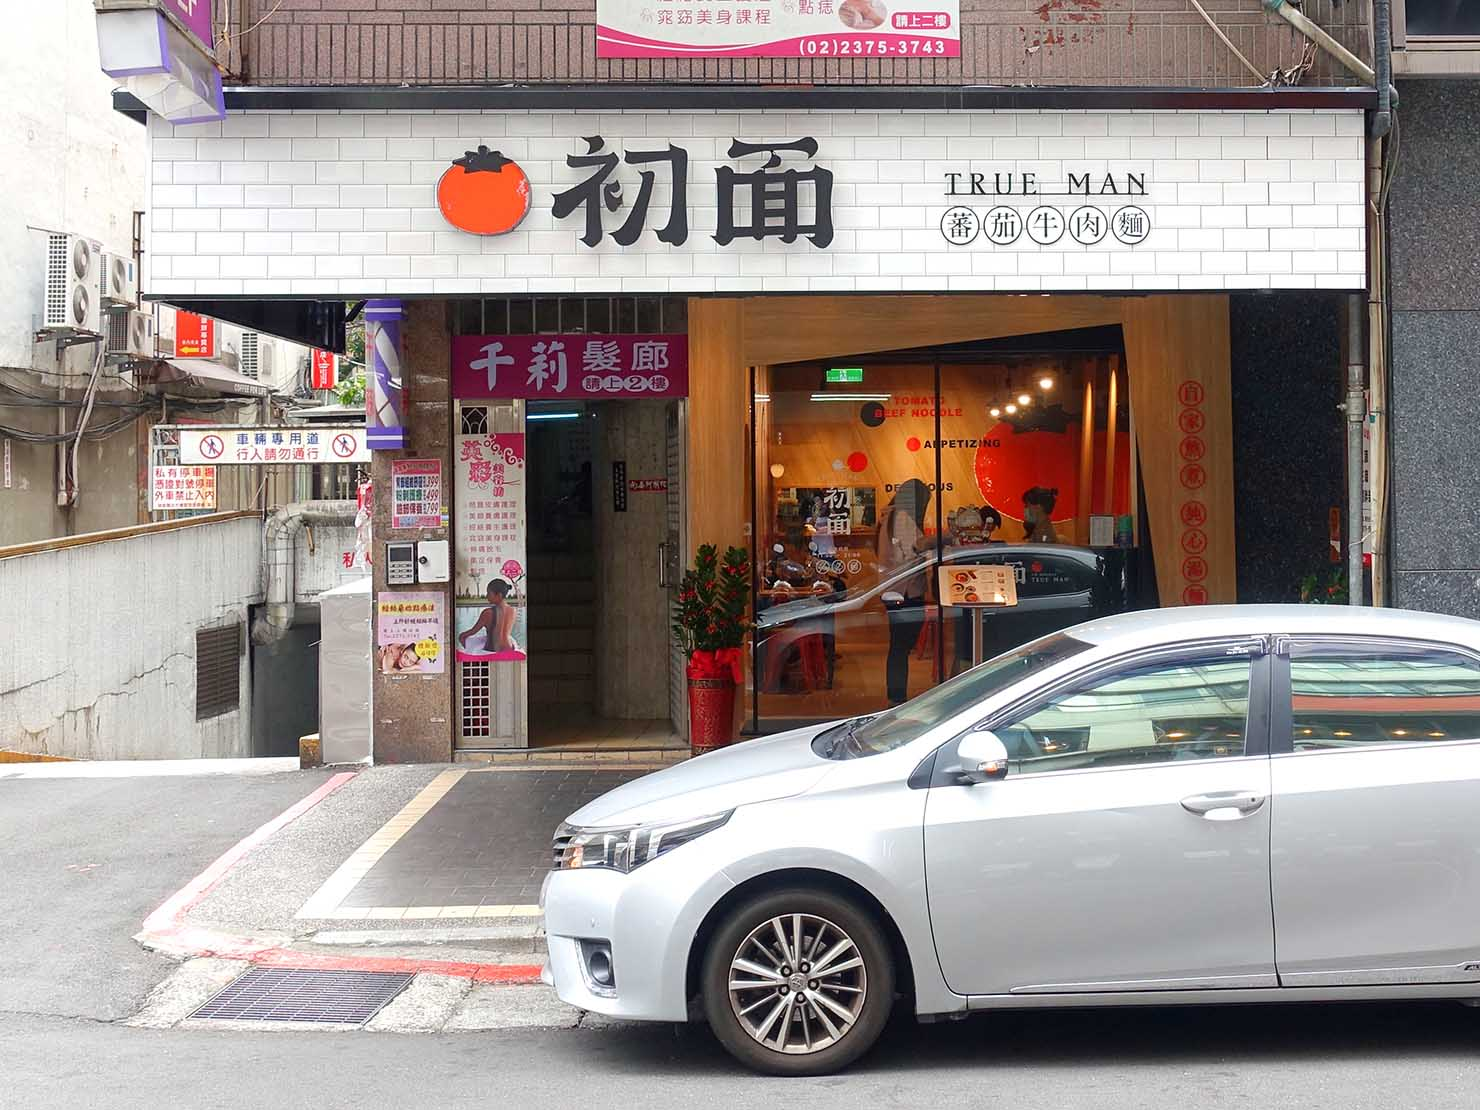 台北駅前エリア(前站)のおすすめグルメ店「初面」の外観